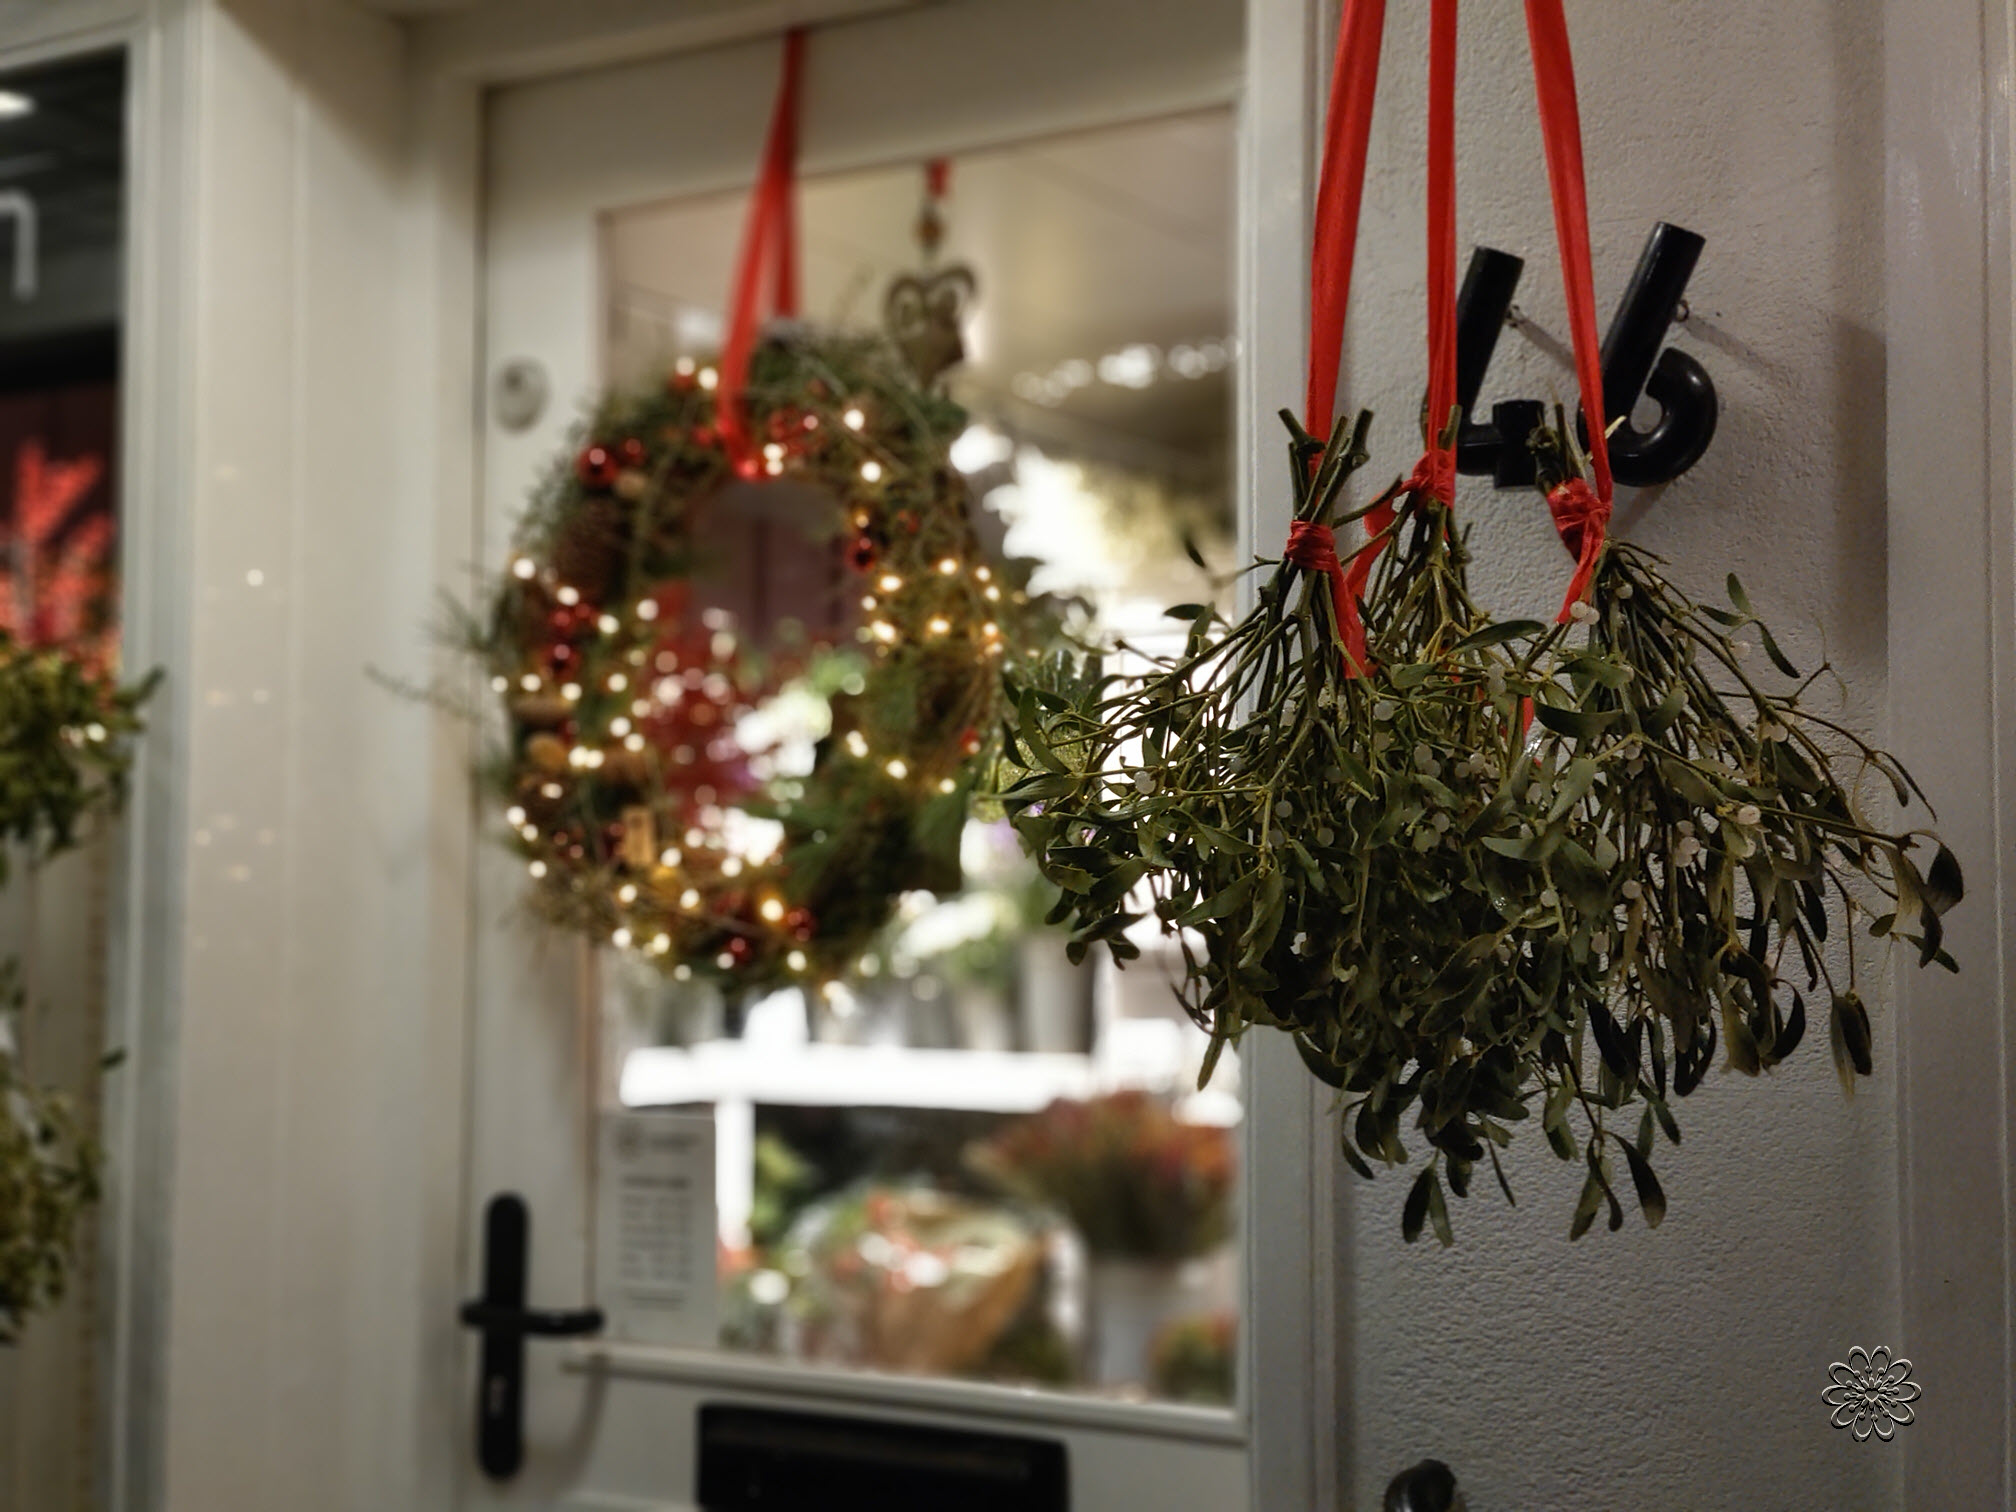 Voor kerst inspiratie opdoen bij Bloemsierkunst Groeneveld Haren Groningen